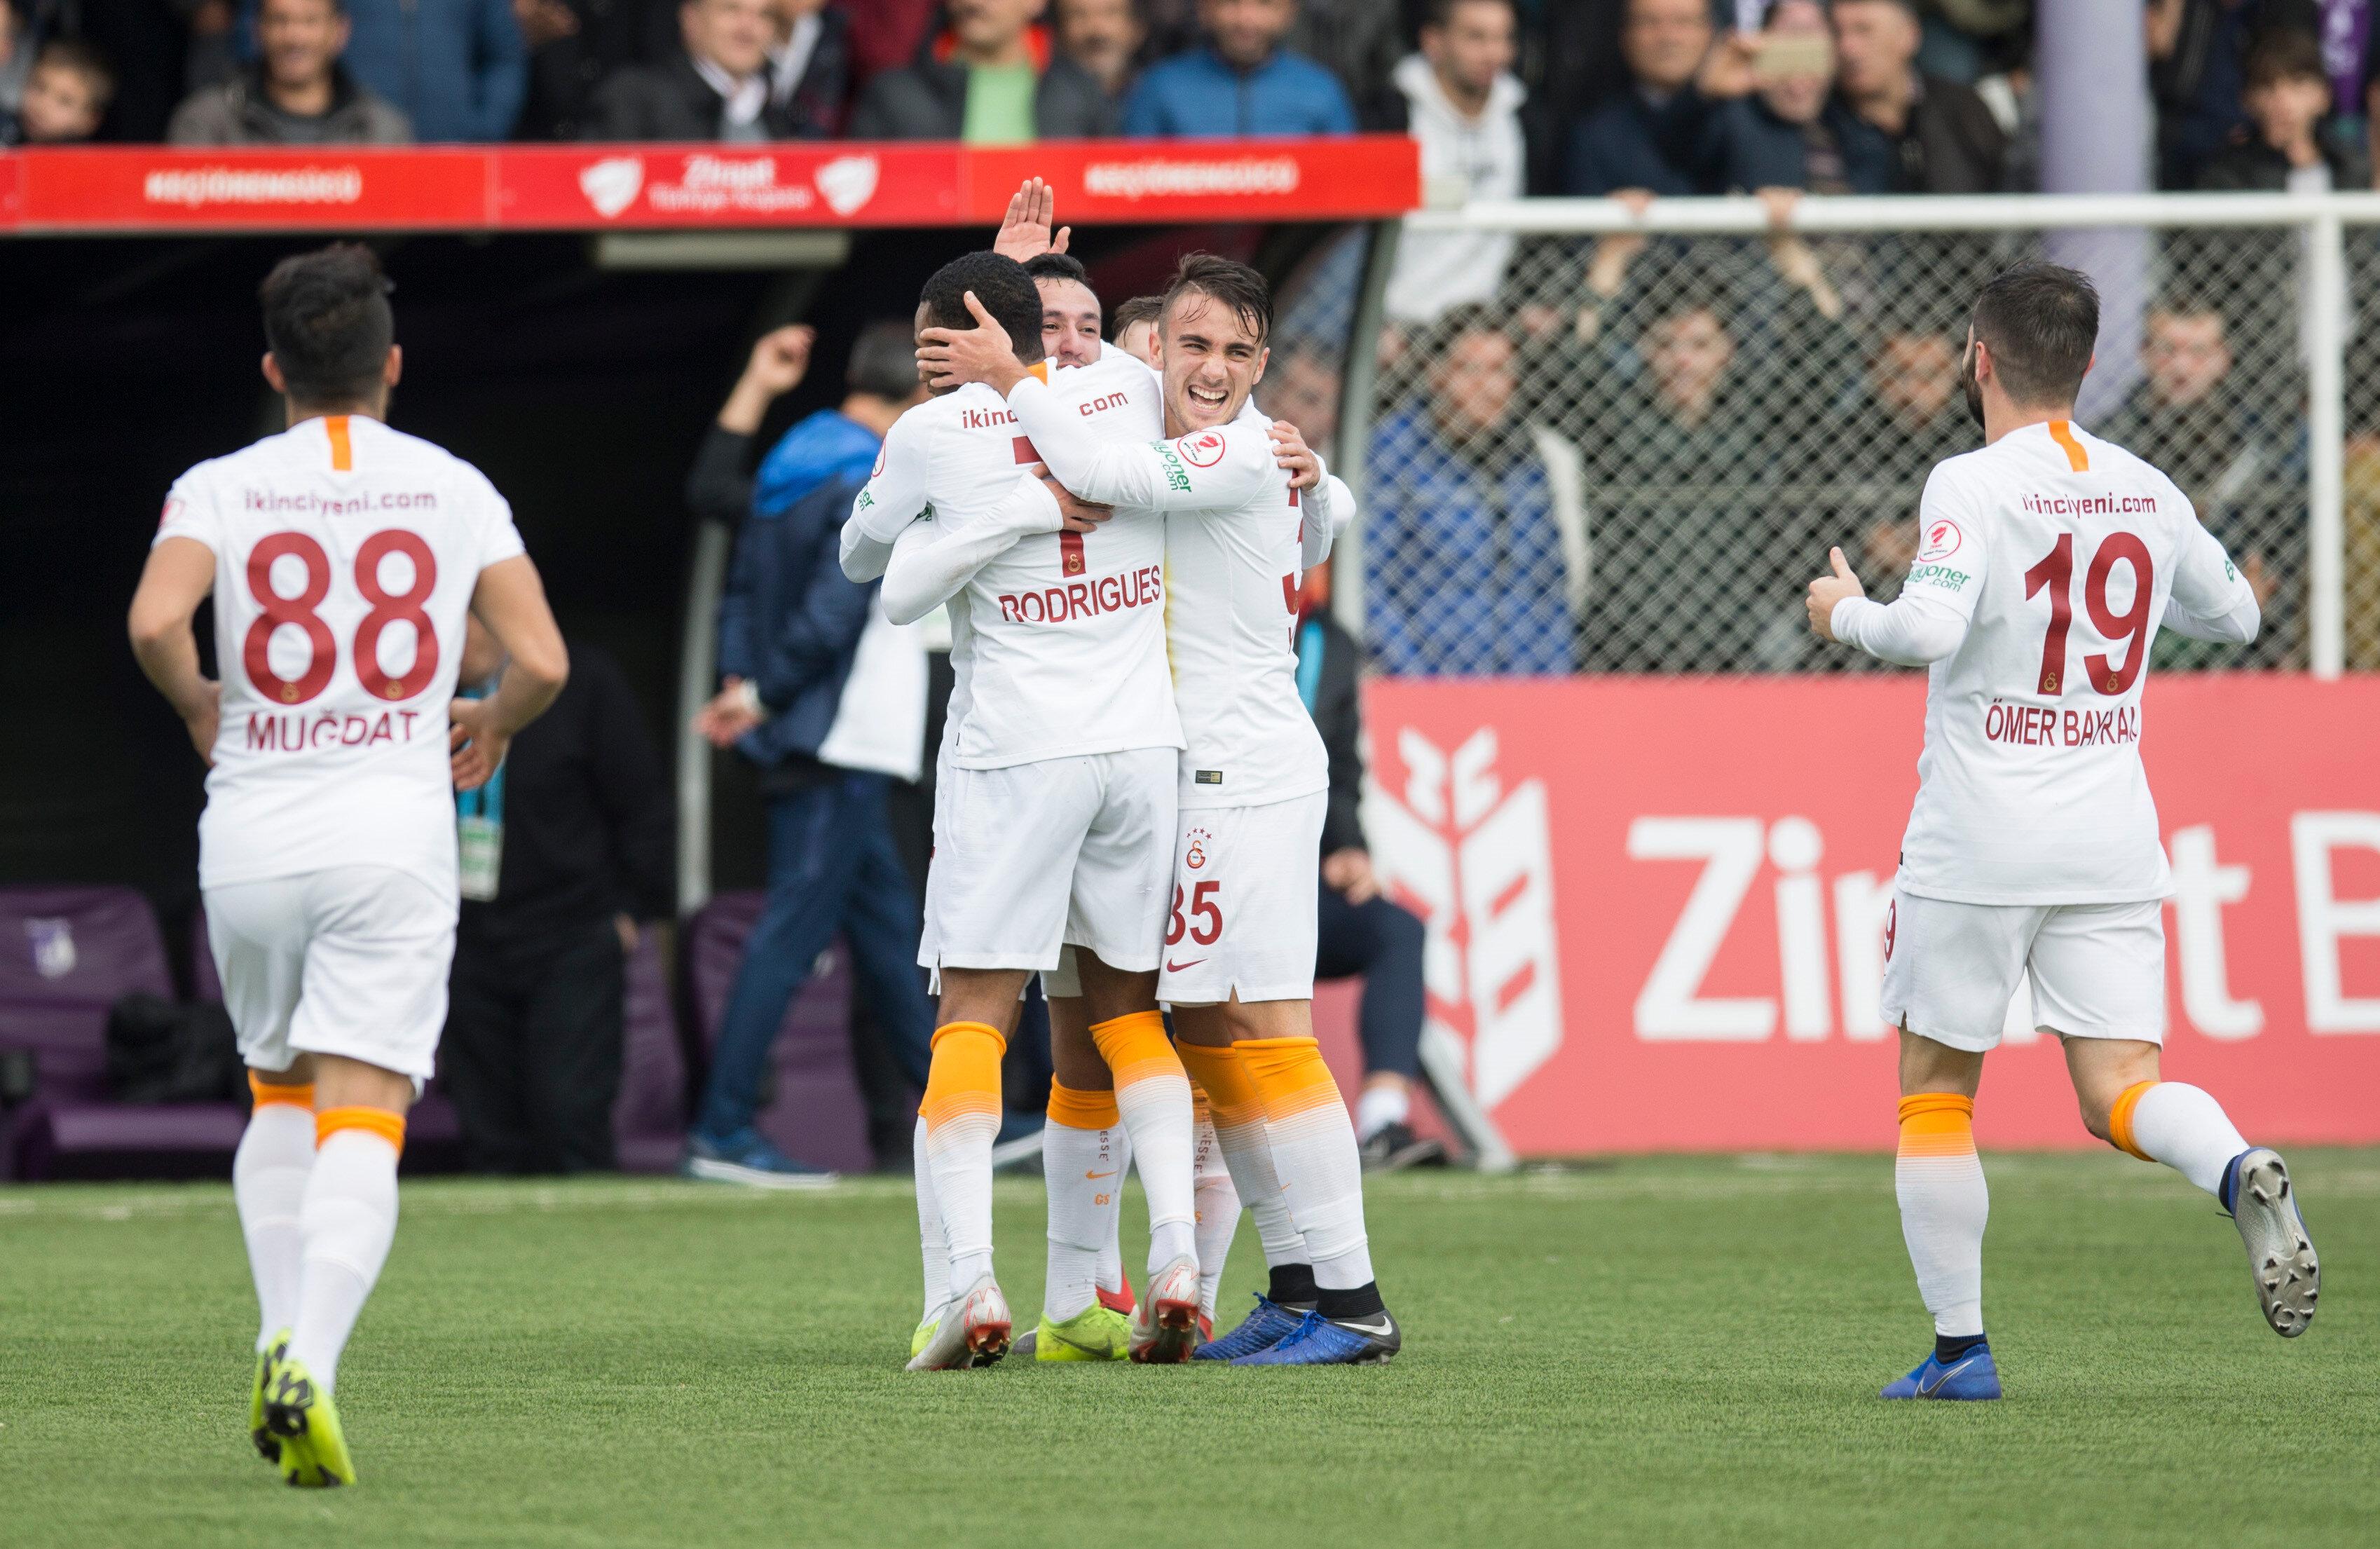 Galatasaraylı gençler gol sevincini doyasıya yaşıyor.